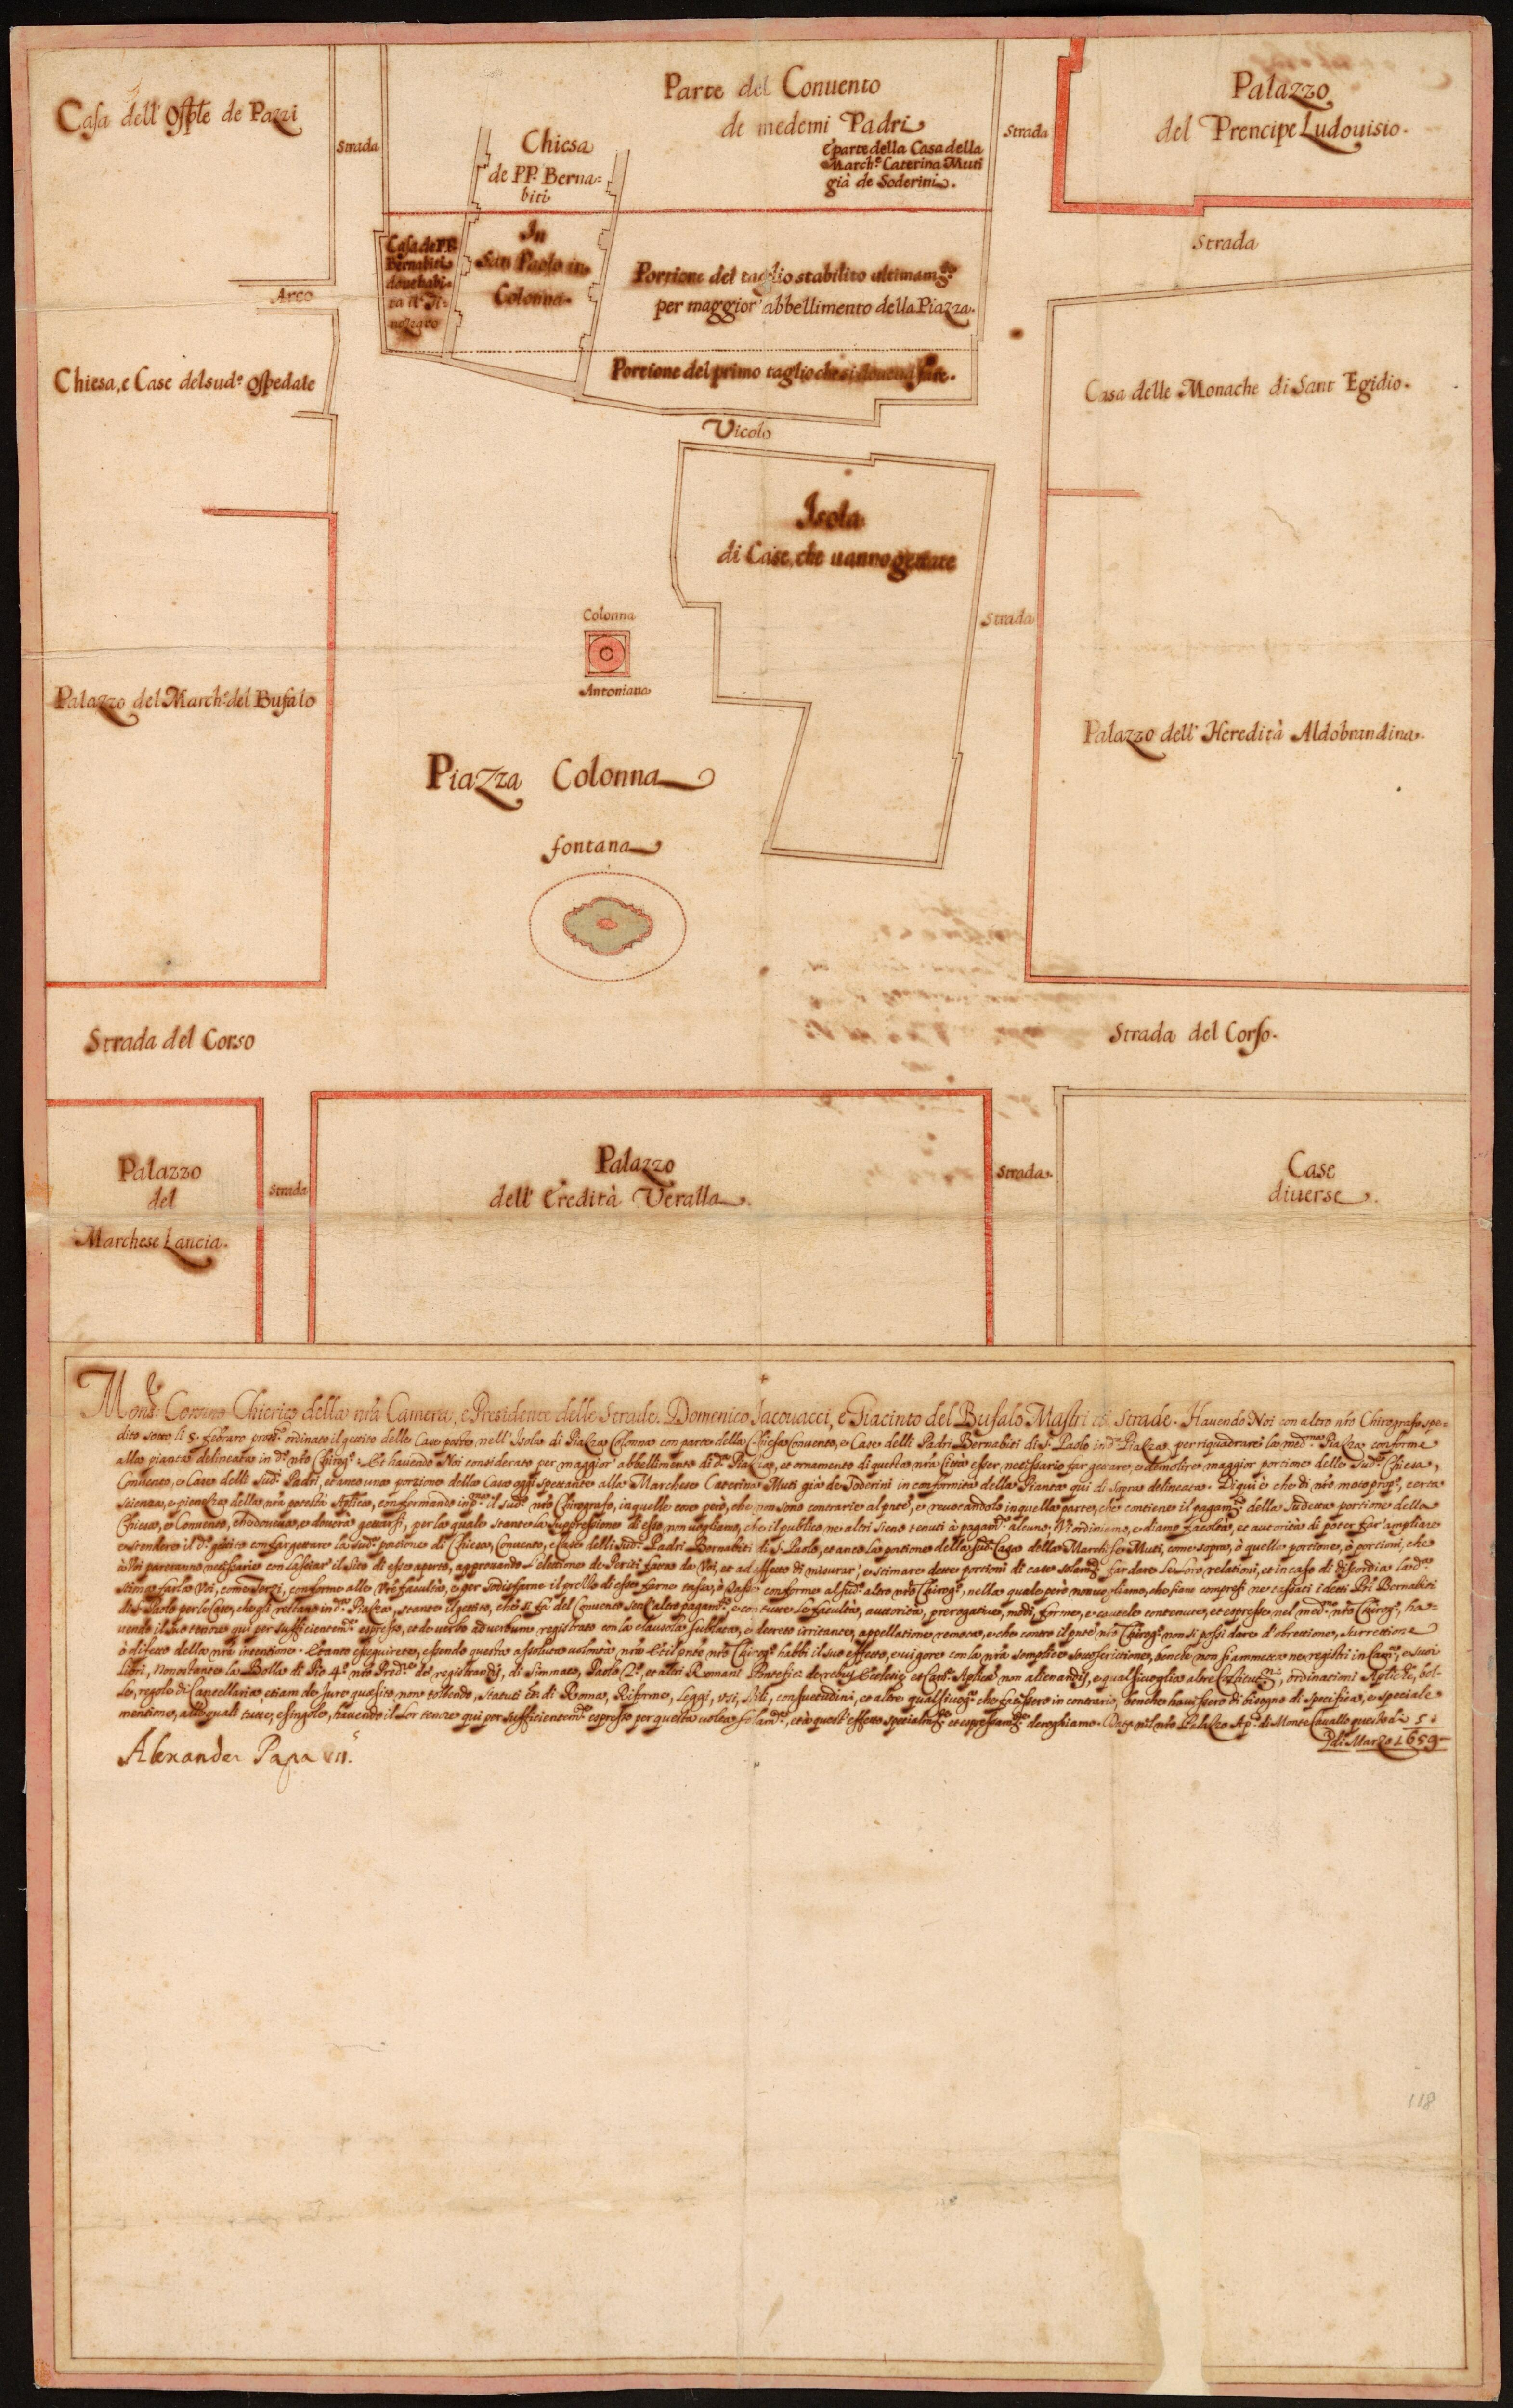 Presidenza delle strade-Chirografi. Plan of the Piazza Colonna, 1659/02/05.